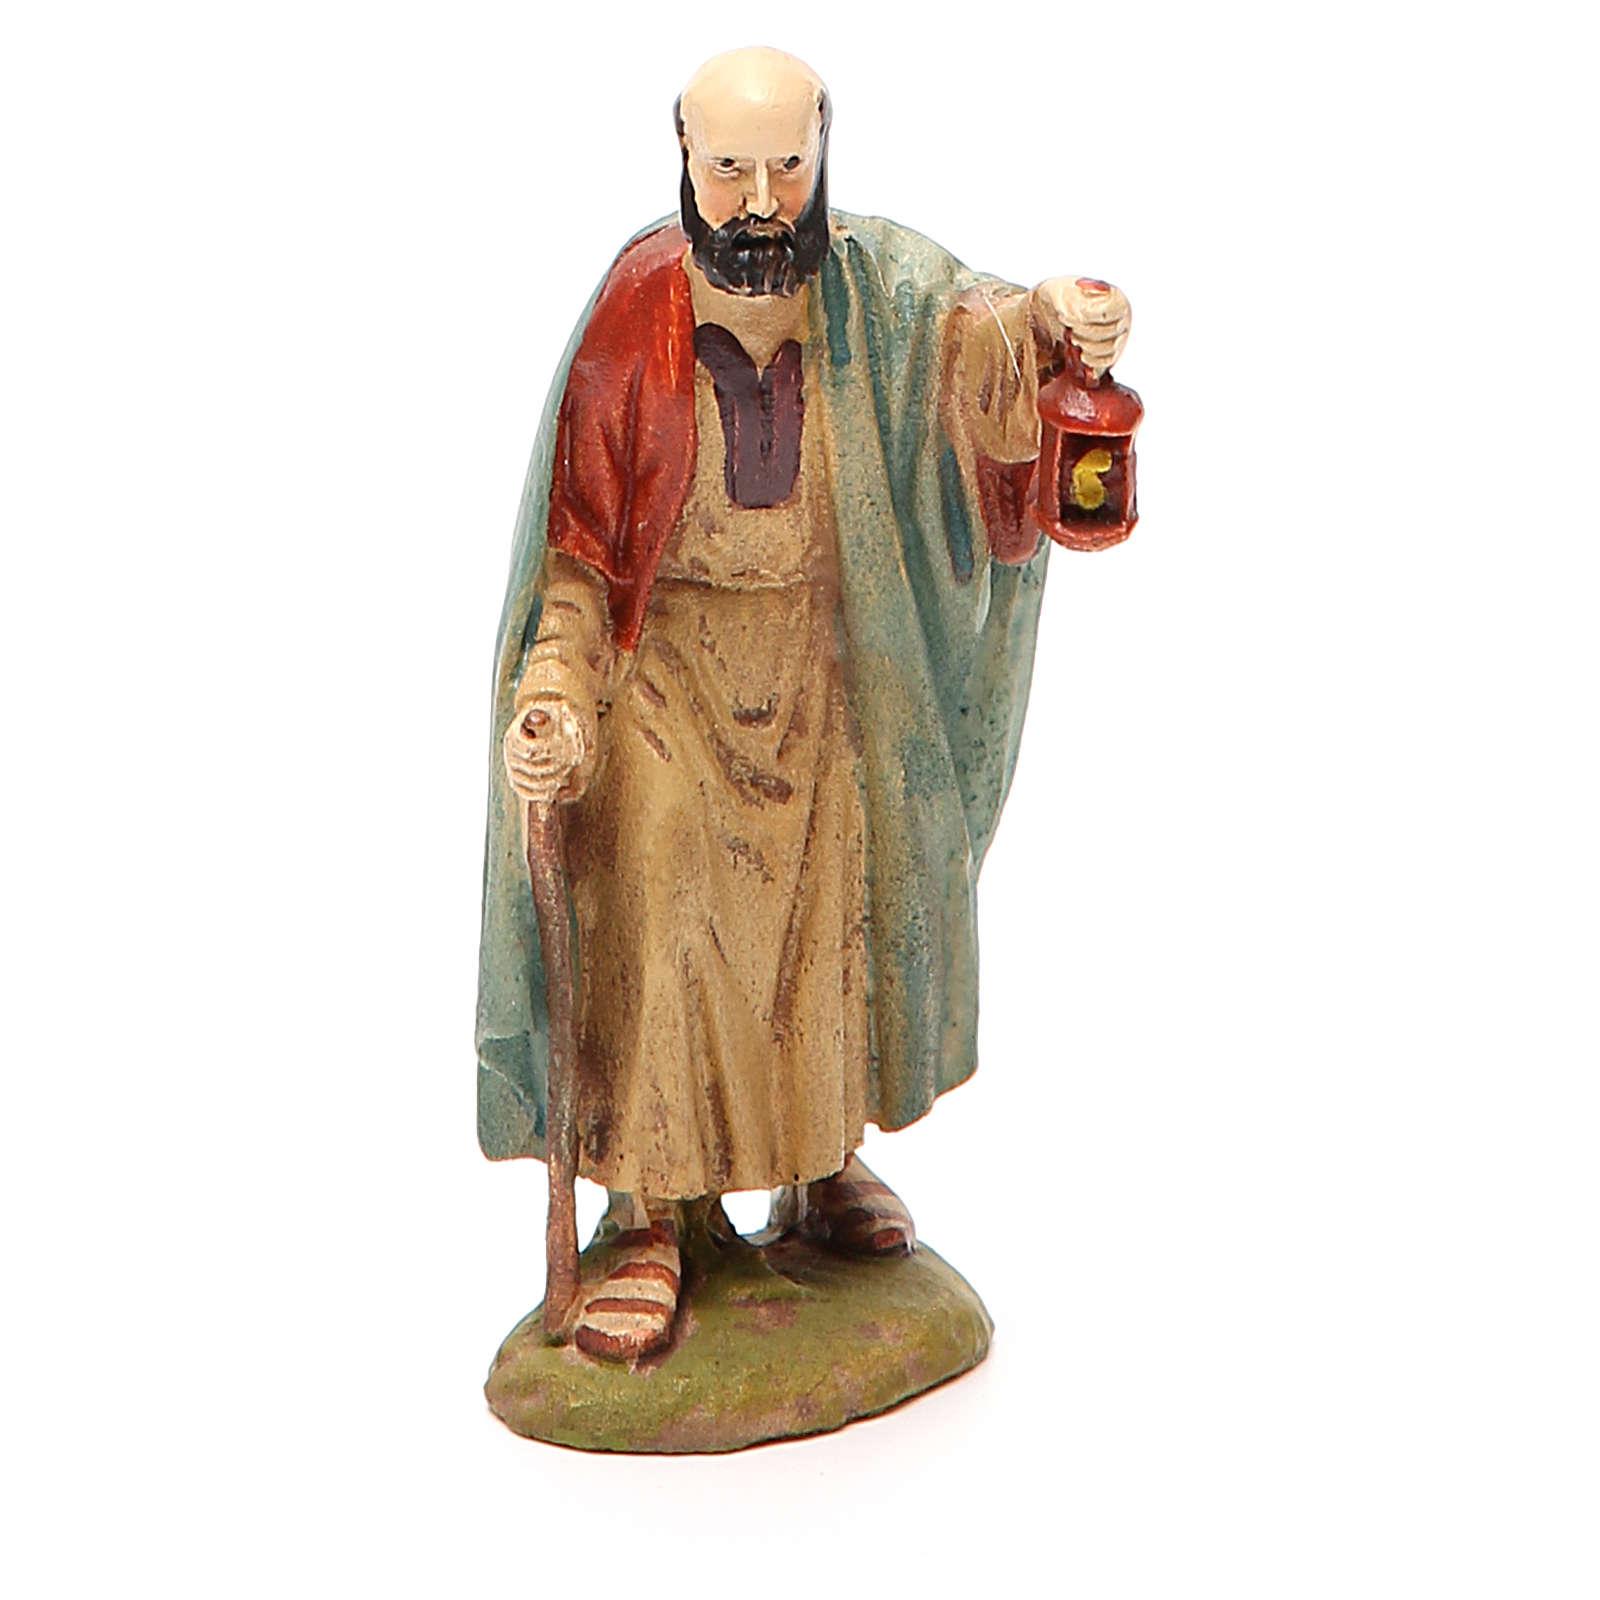 Berger avec lanterne résine peinte pour crèche 10 cm gamme M. Landi 3